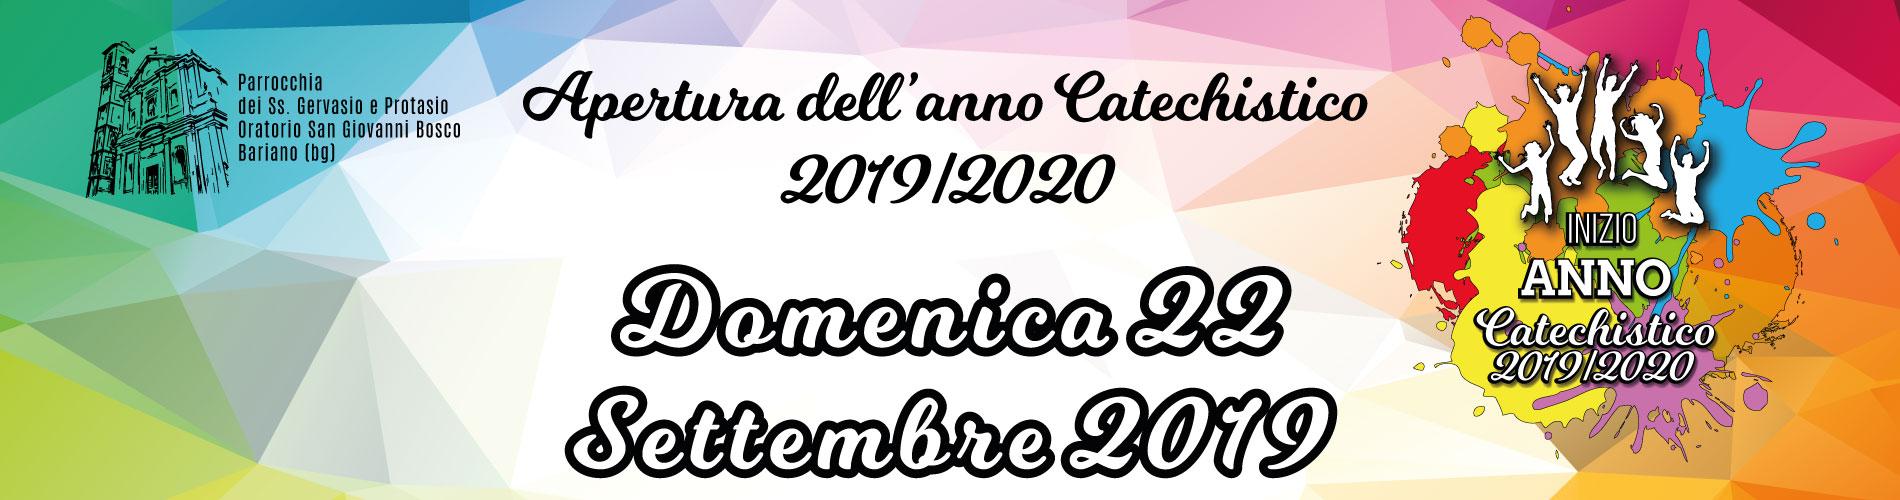 Apertura Anno Catechistico 2019/2020